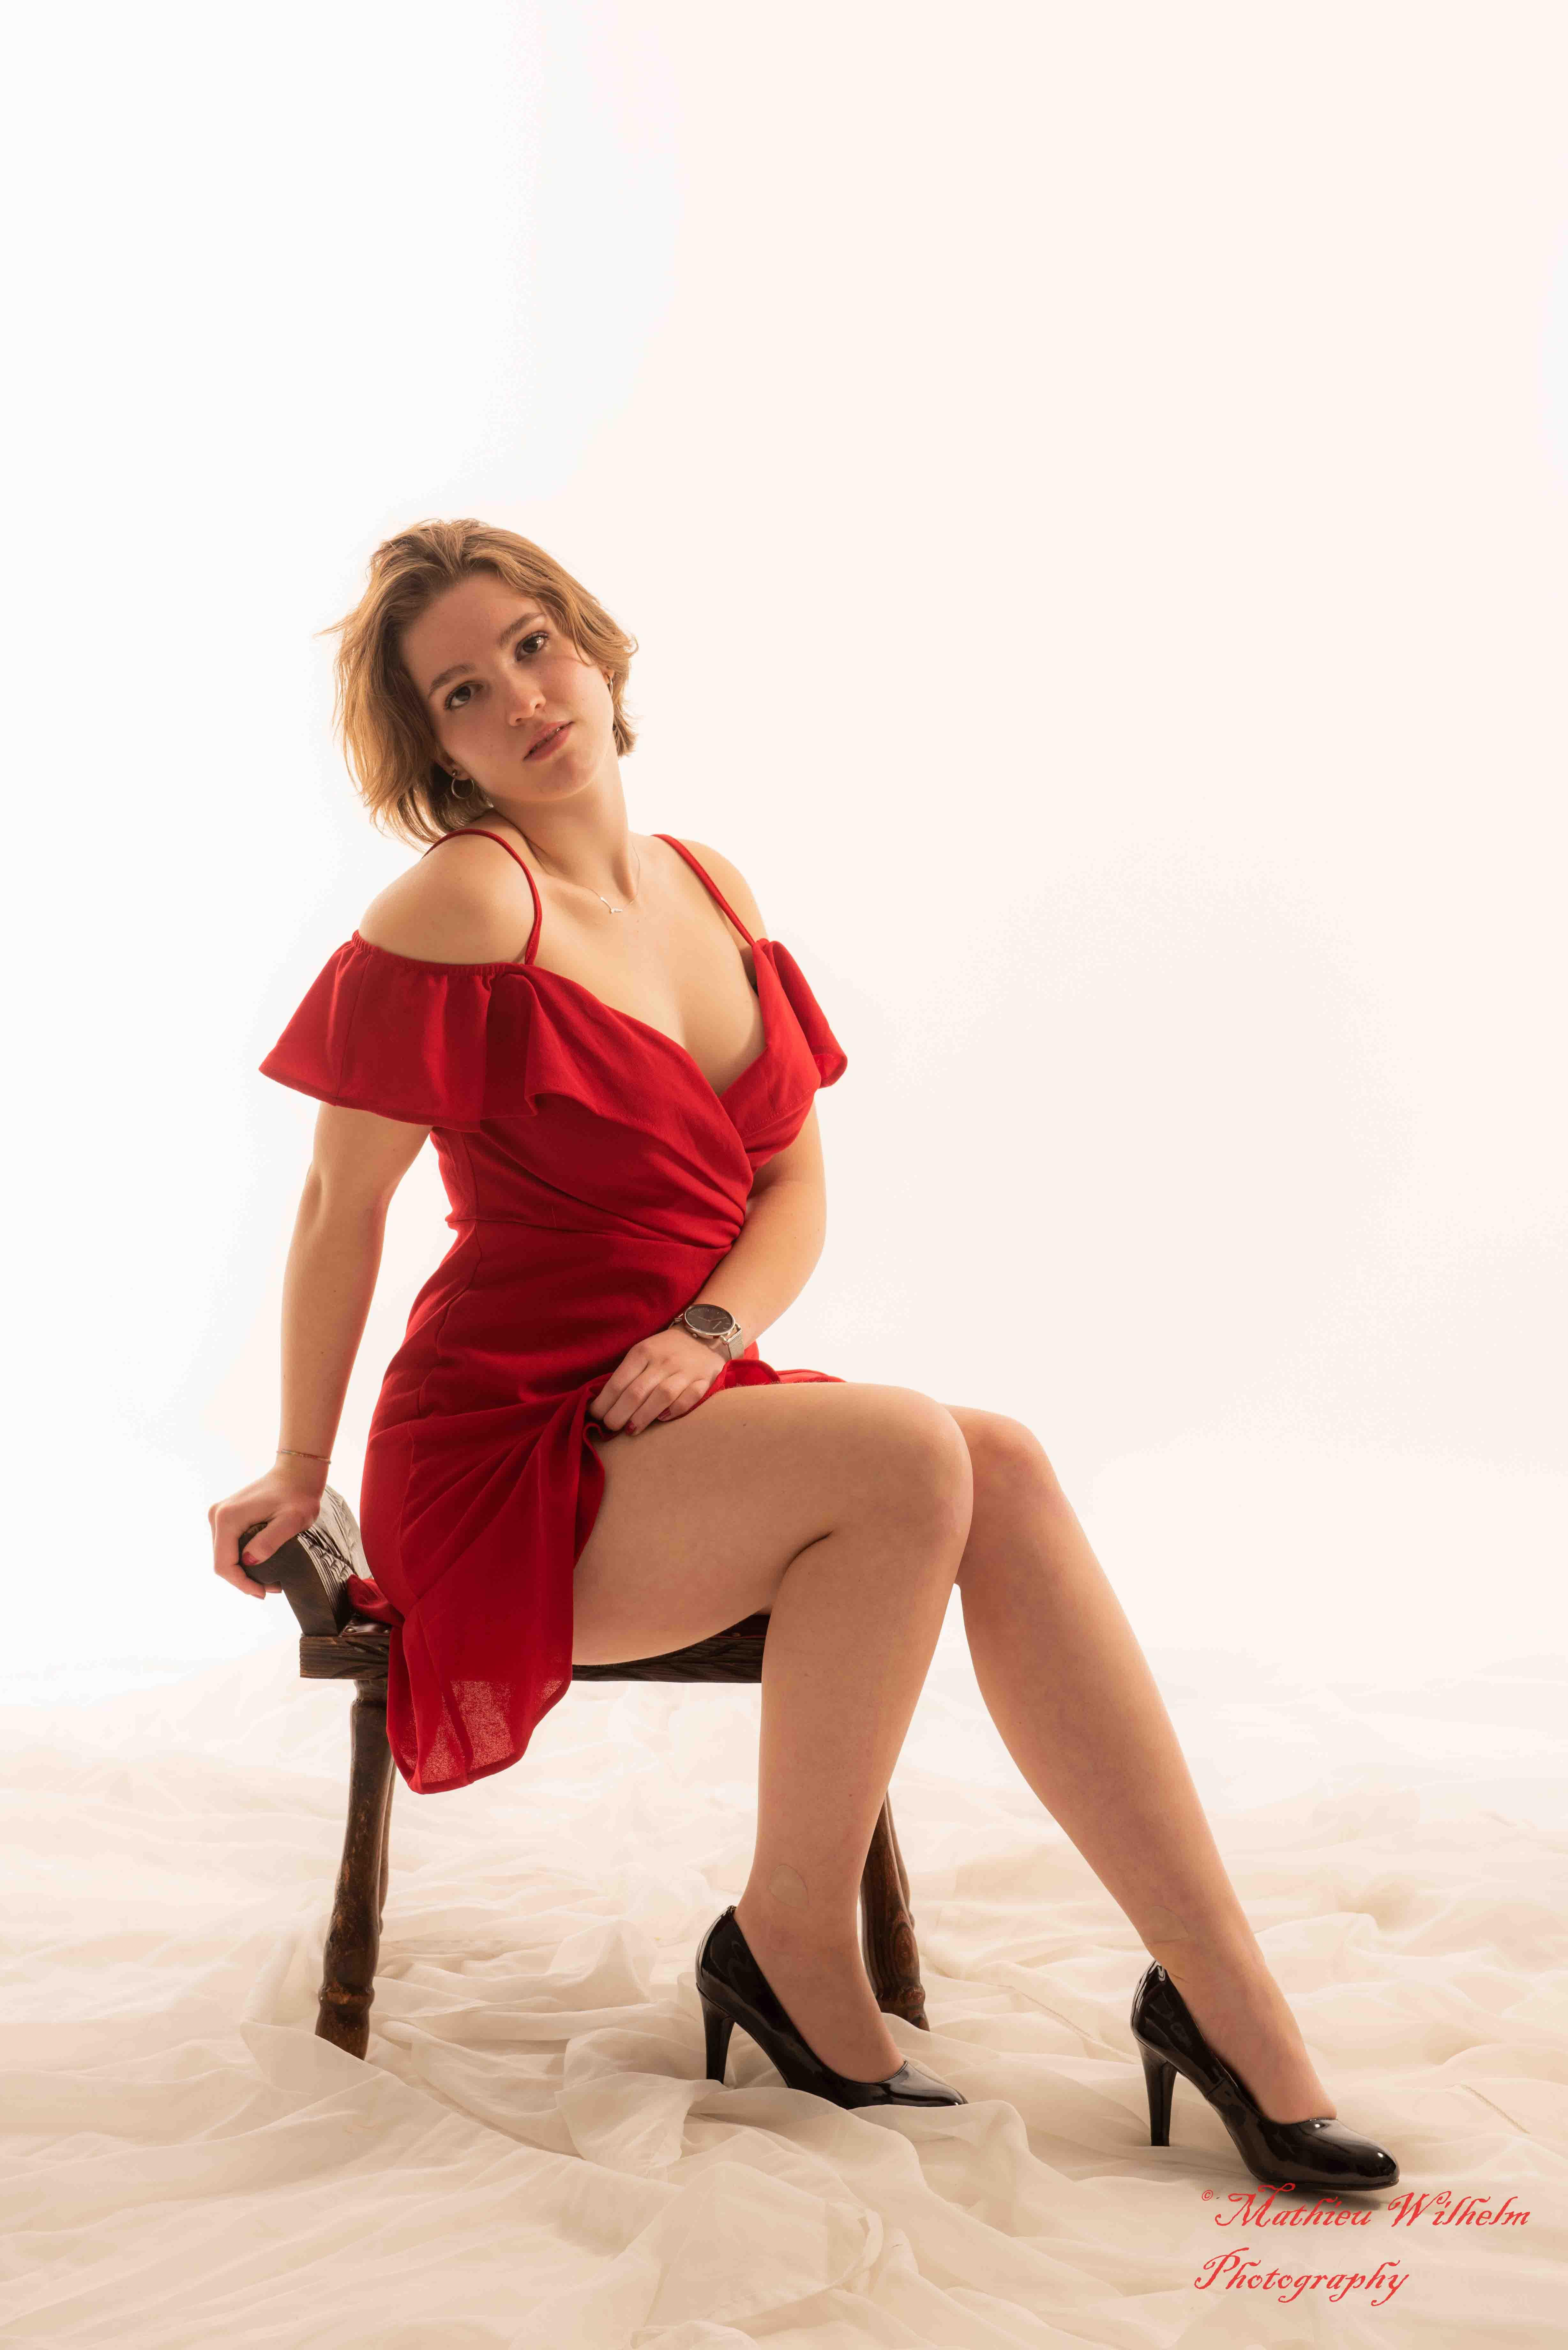 2019-11-05 Miss lolita - 9eme fond blanc